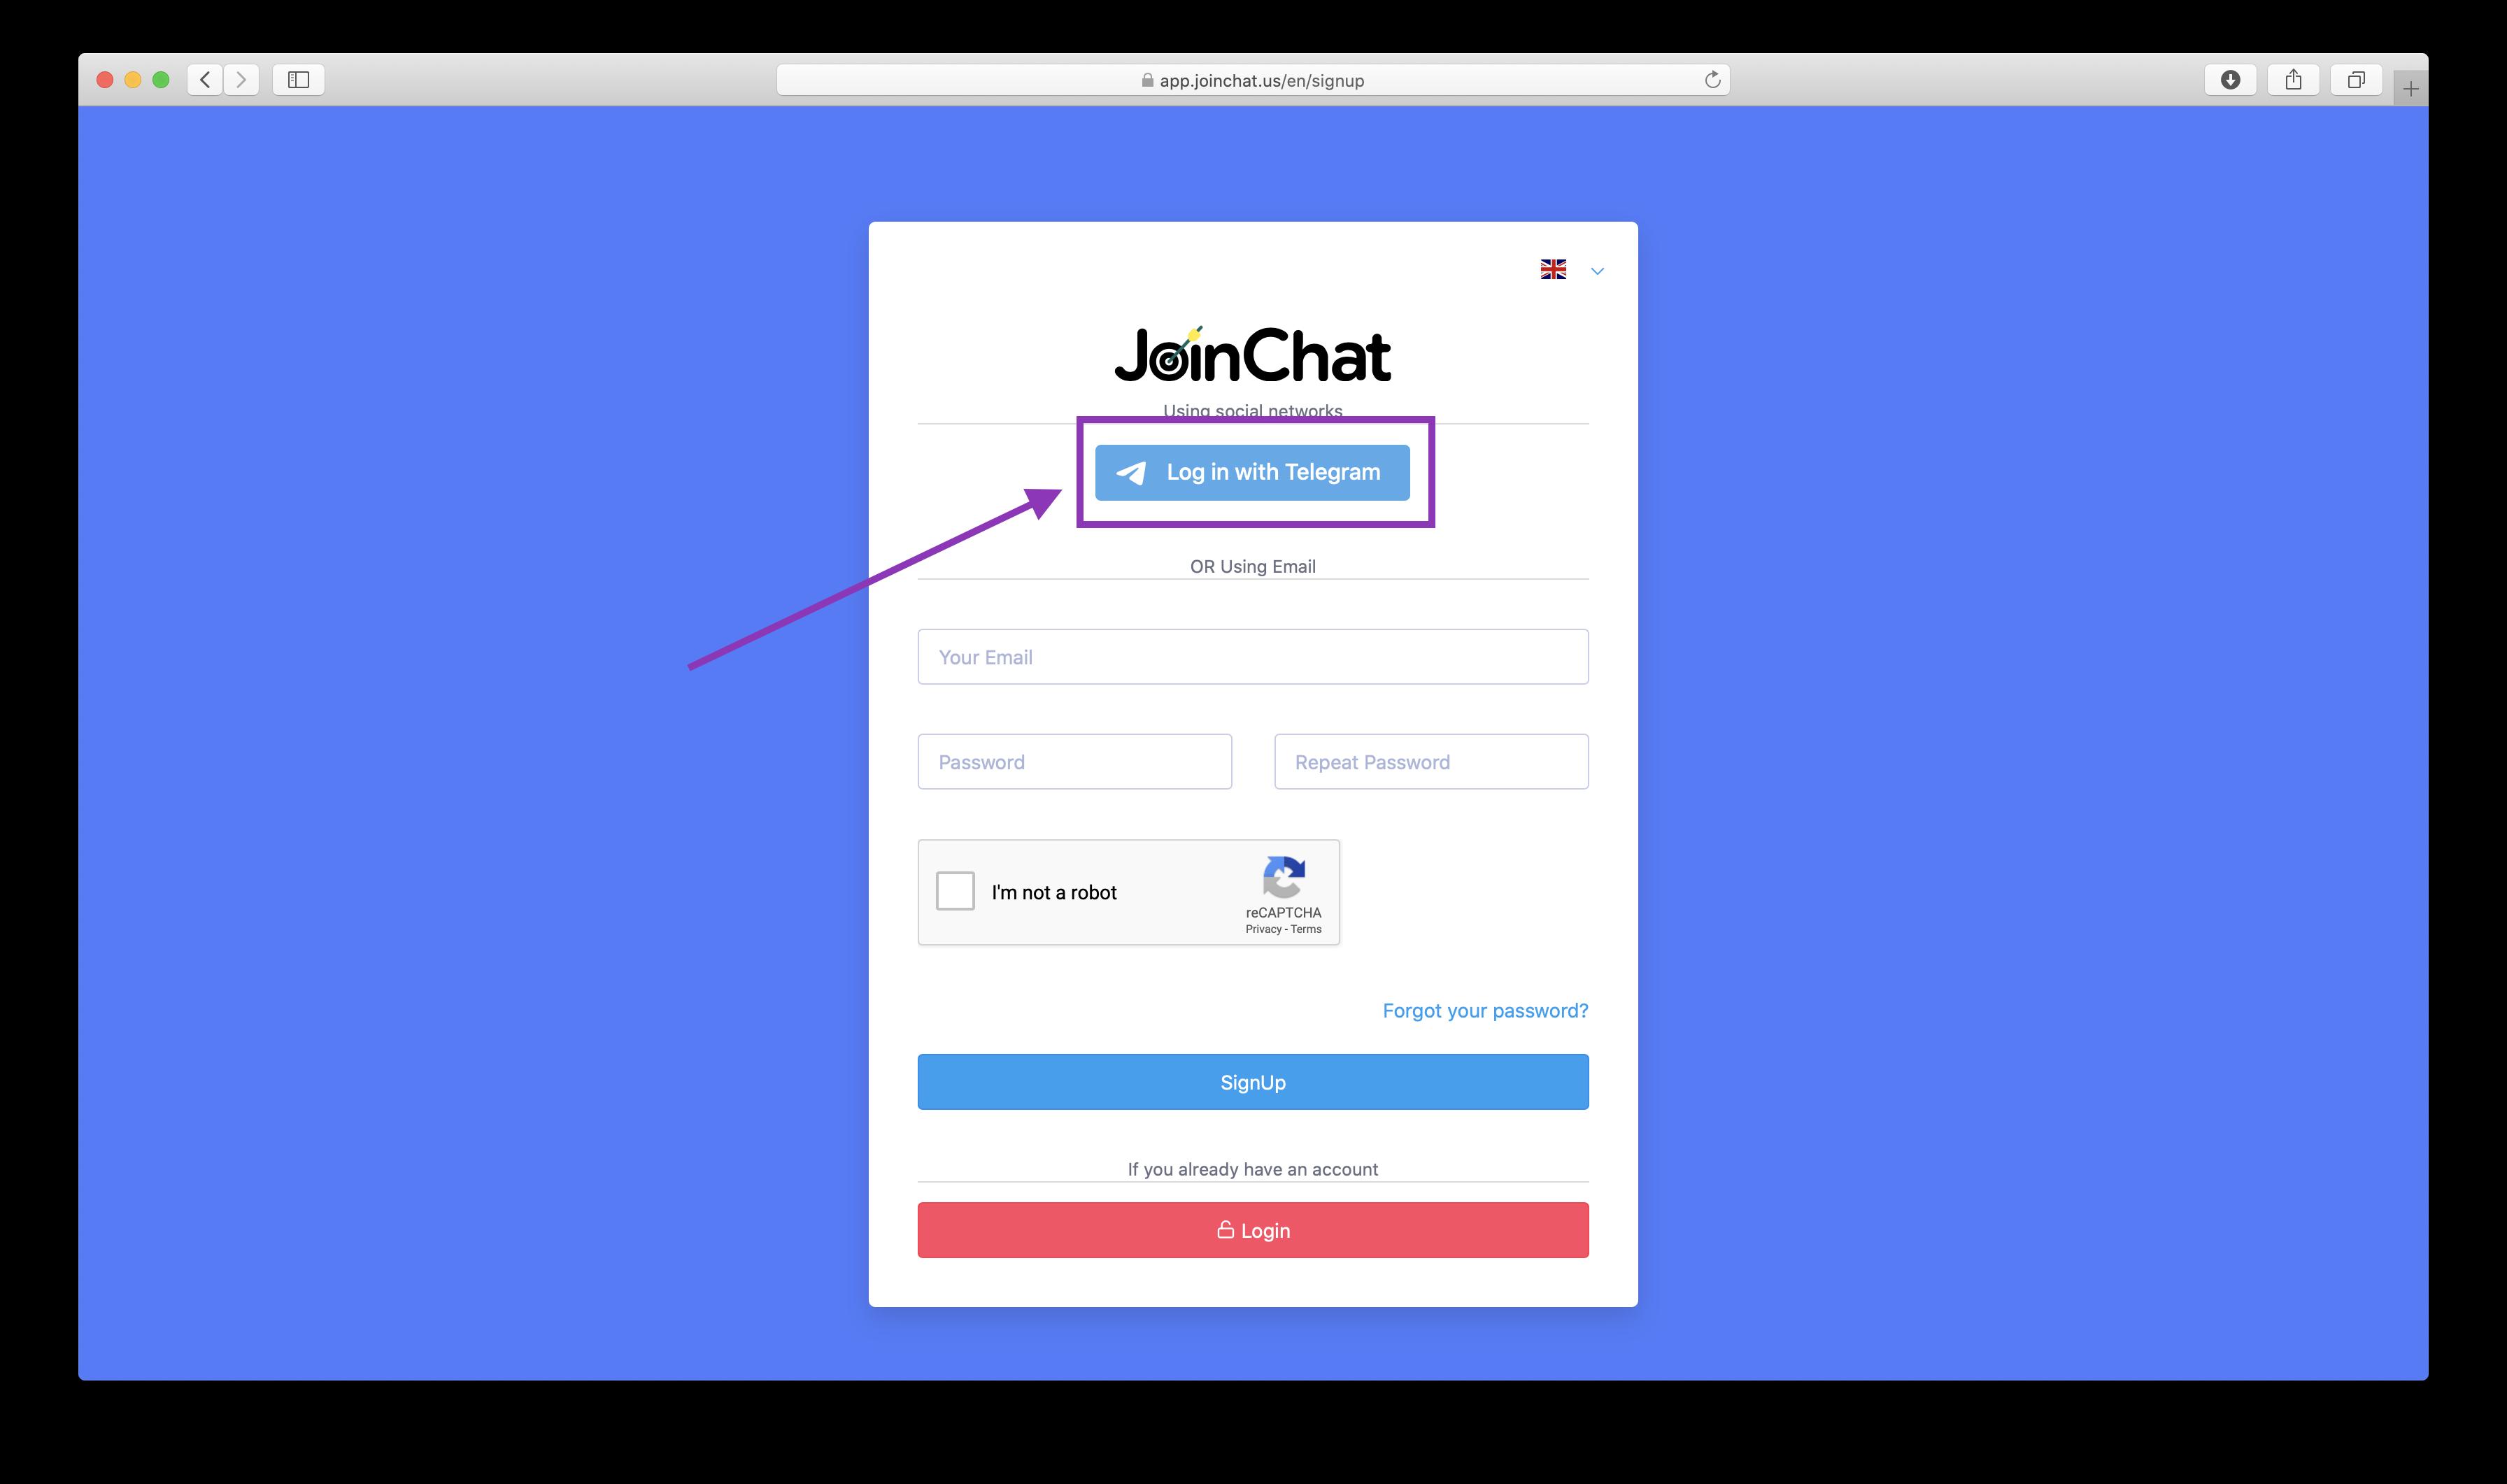 Регистарация через социальные JoinChat.us